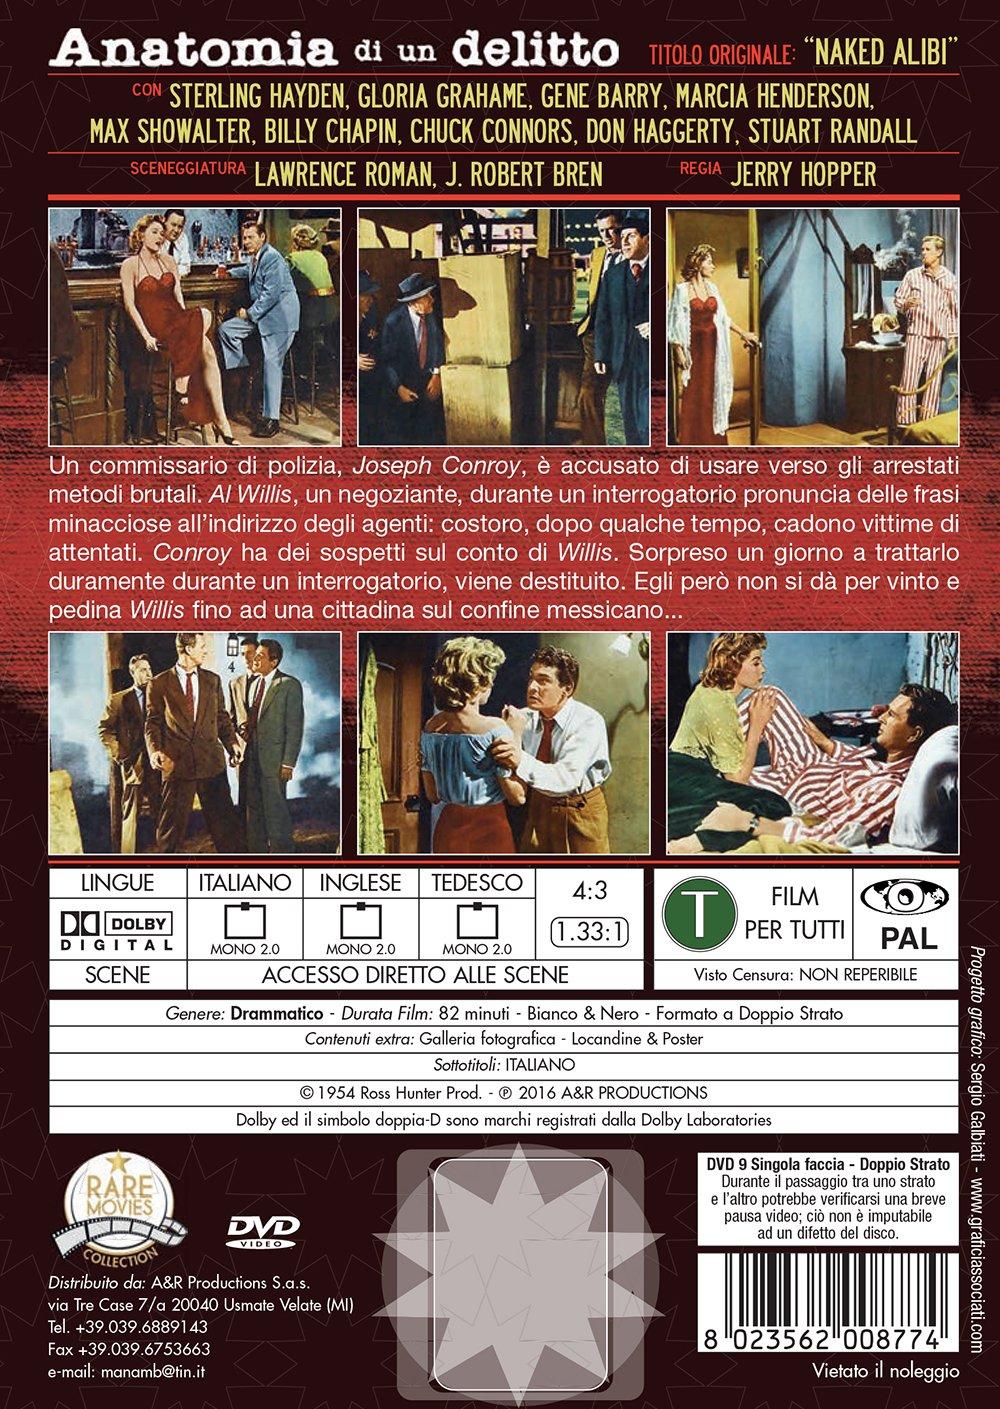 anatomia di un delitto rare movies collection registi jerry hopper ...